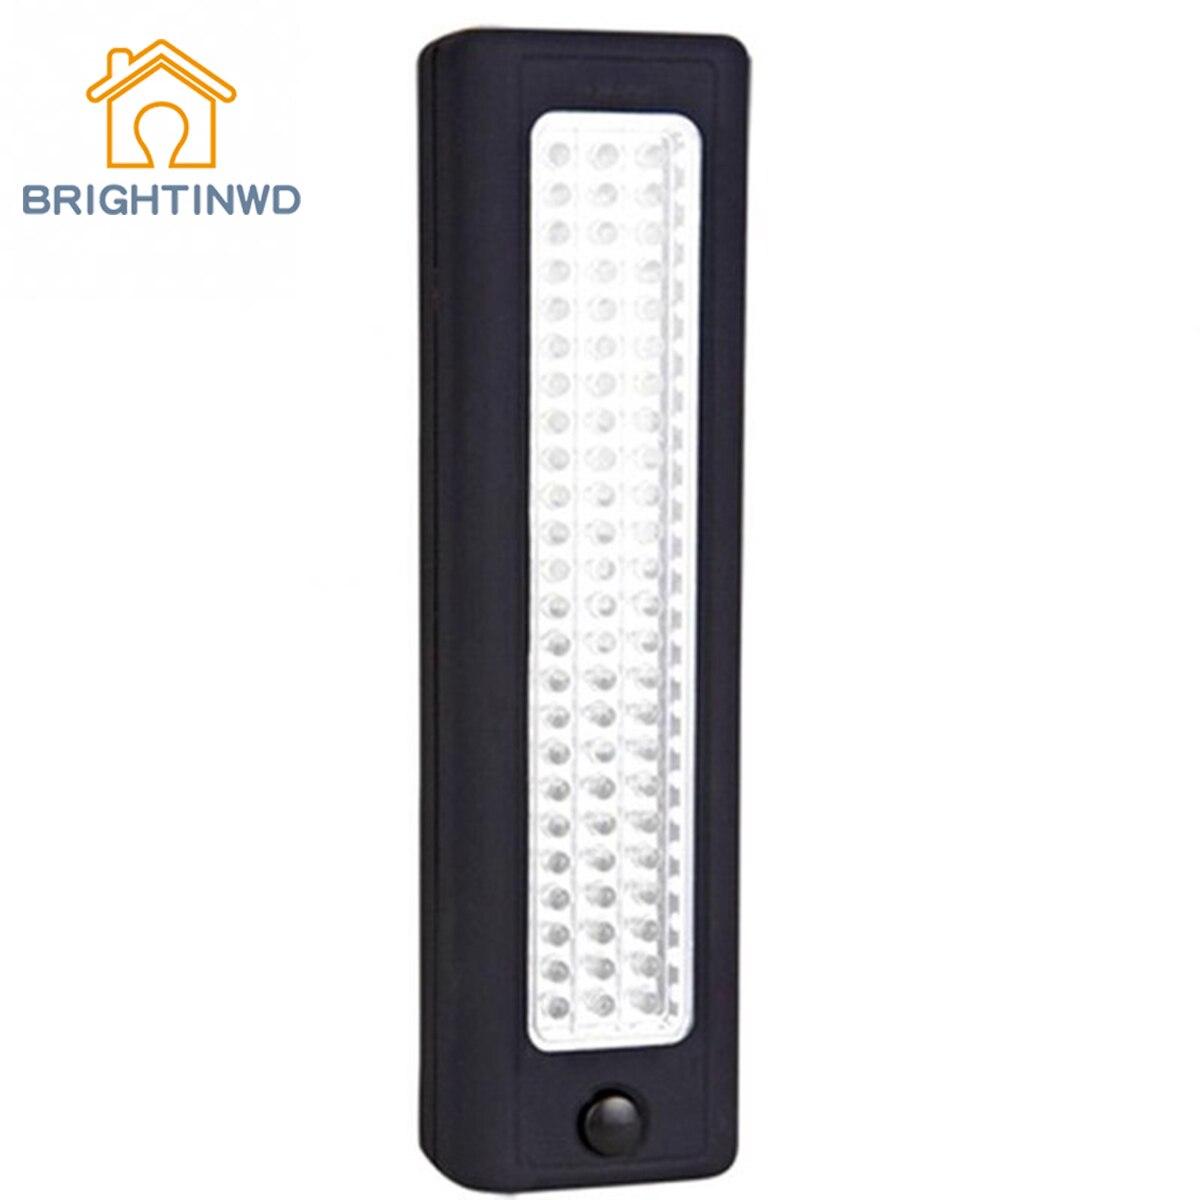 72 LED lumière de travail lumineuse Portable lumière de Camping extérieure 6V 4.5W révision lampe de poche lumineux